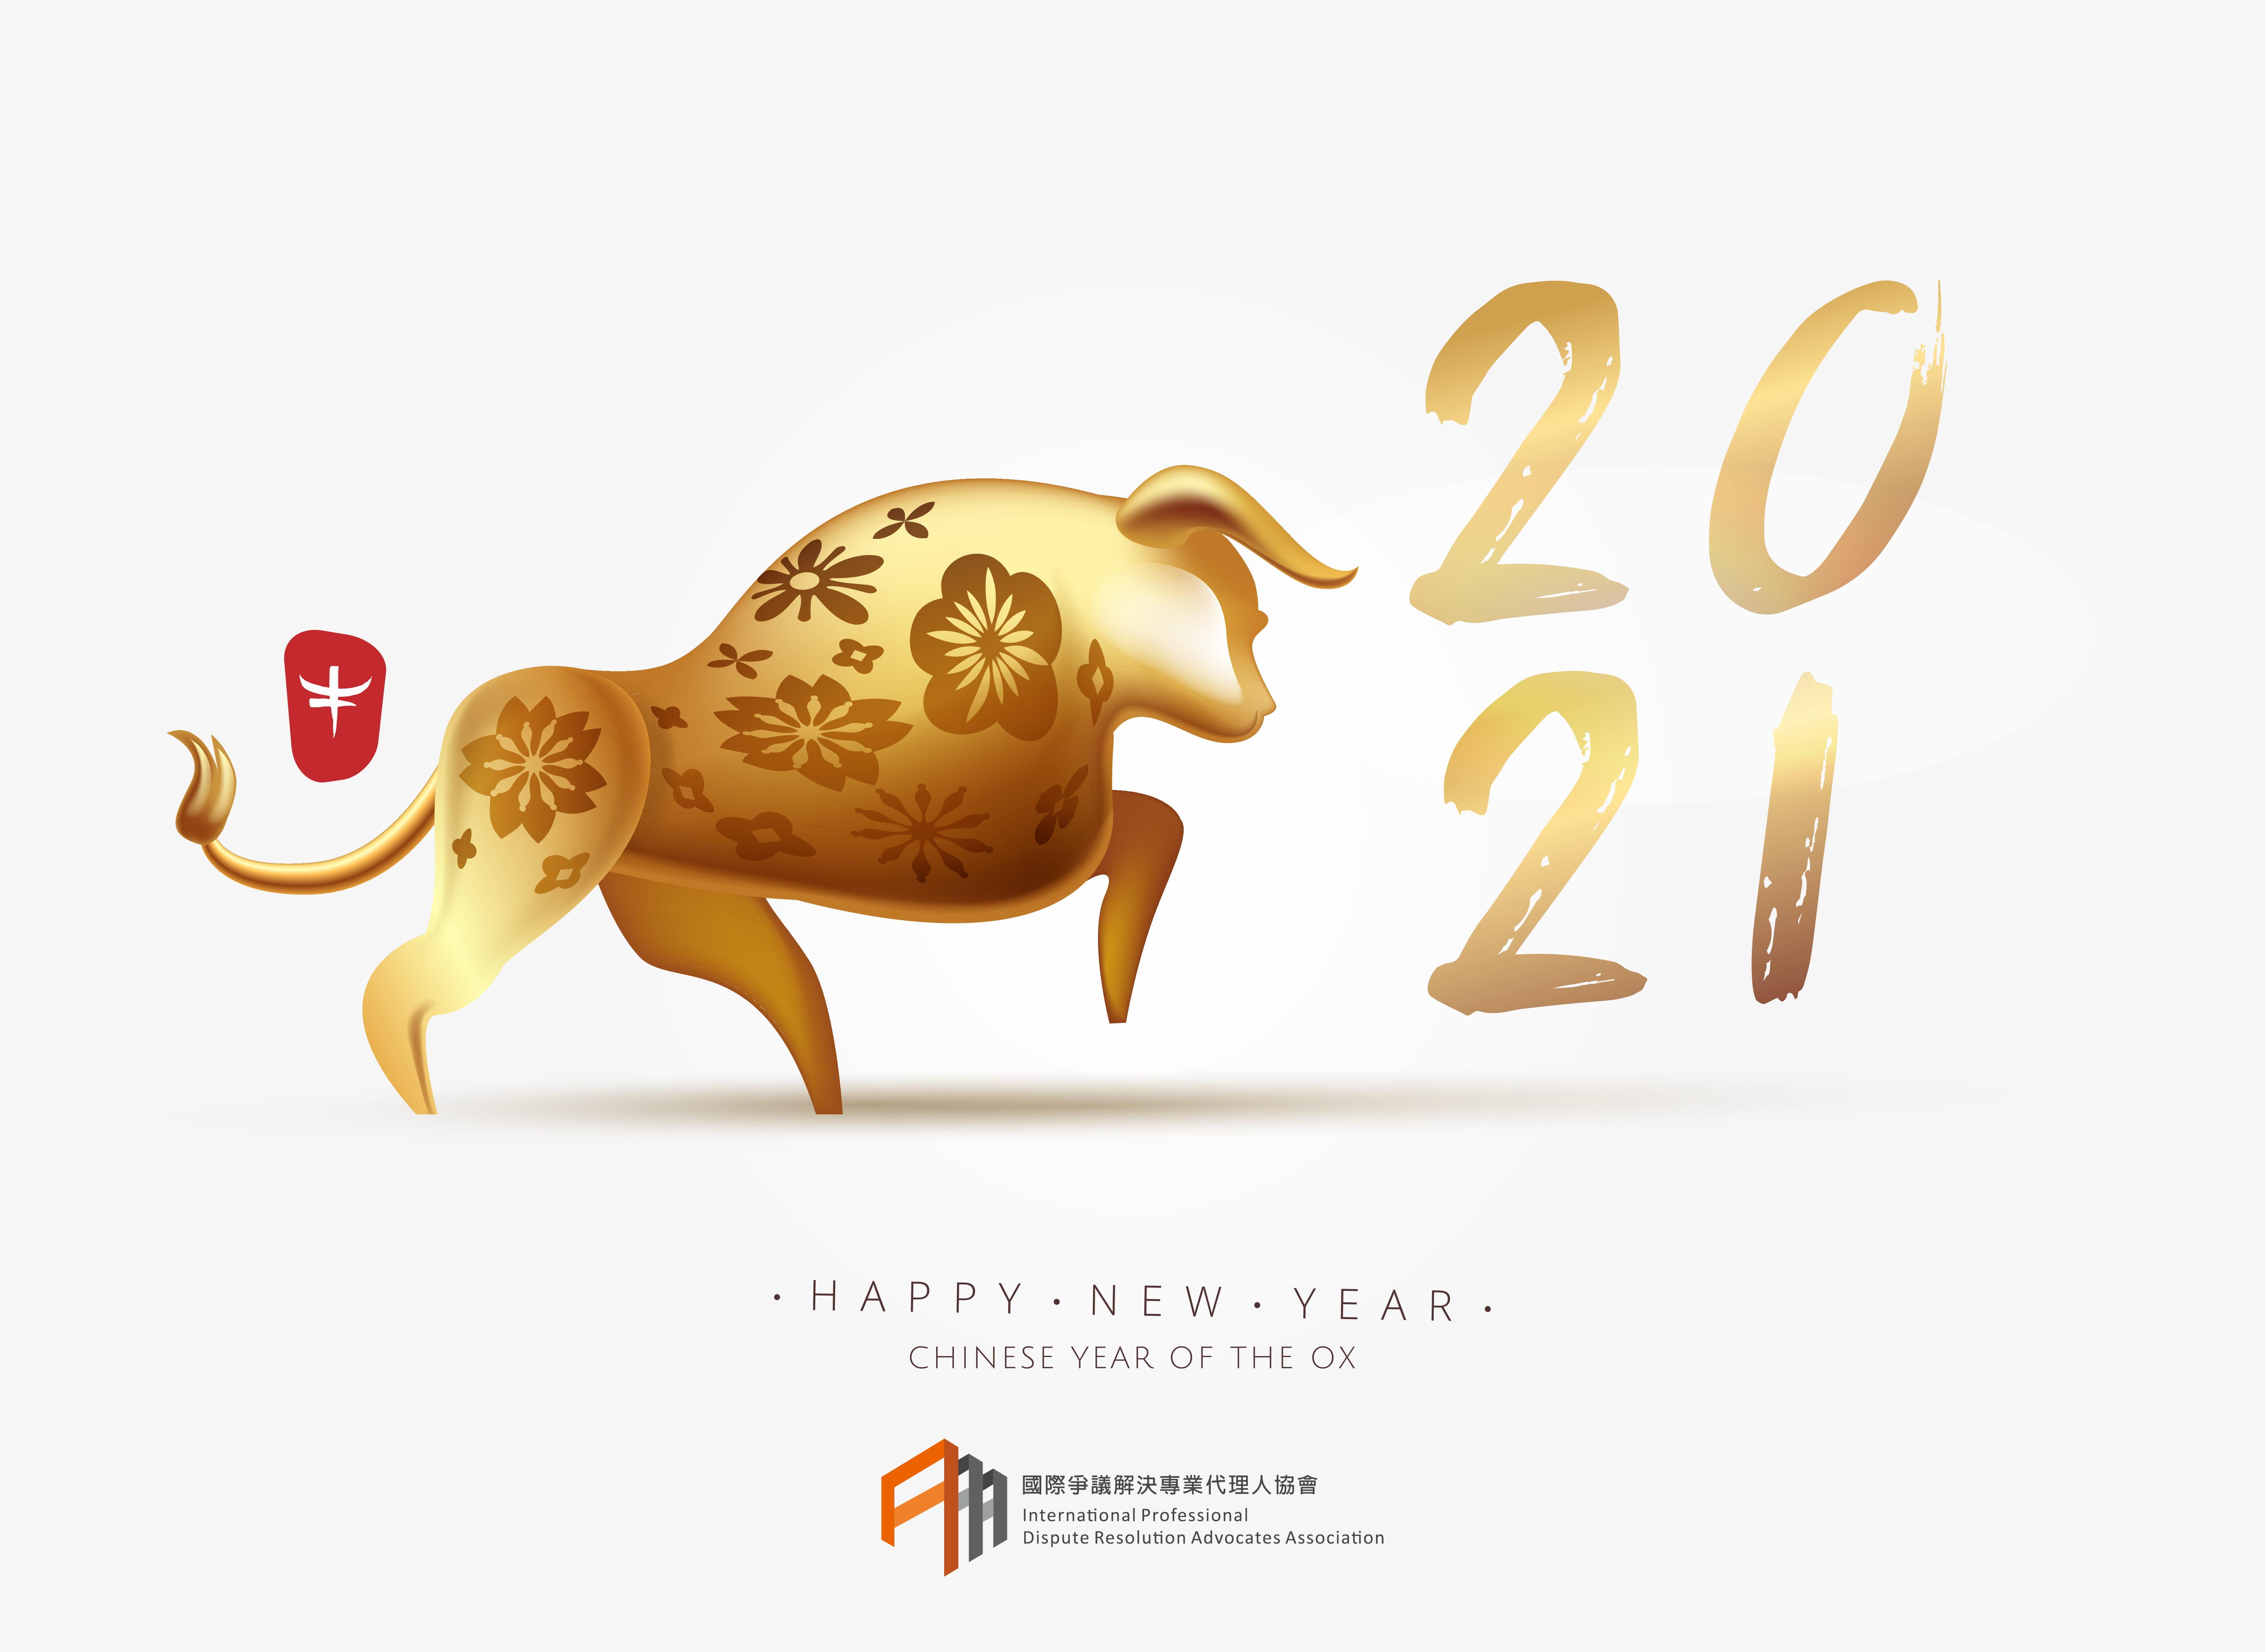 IPDRAA New Year Card-1